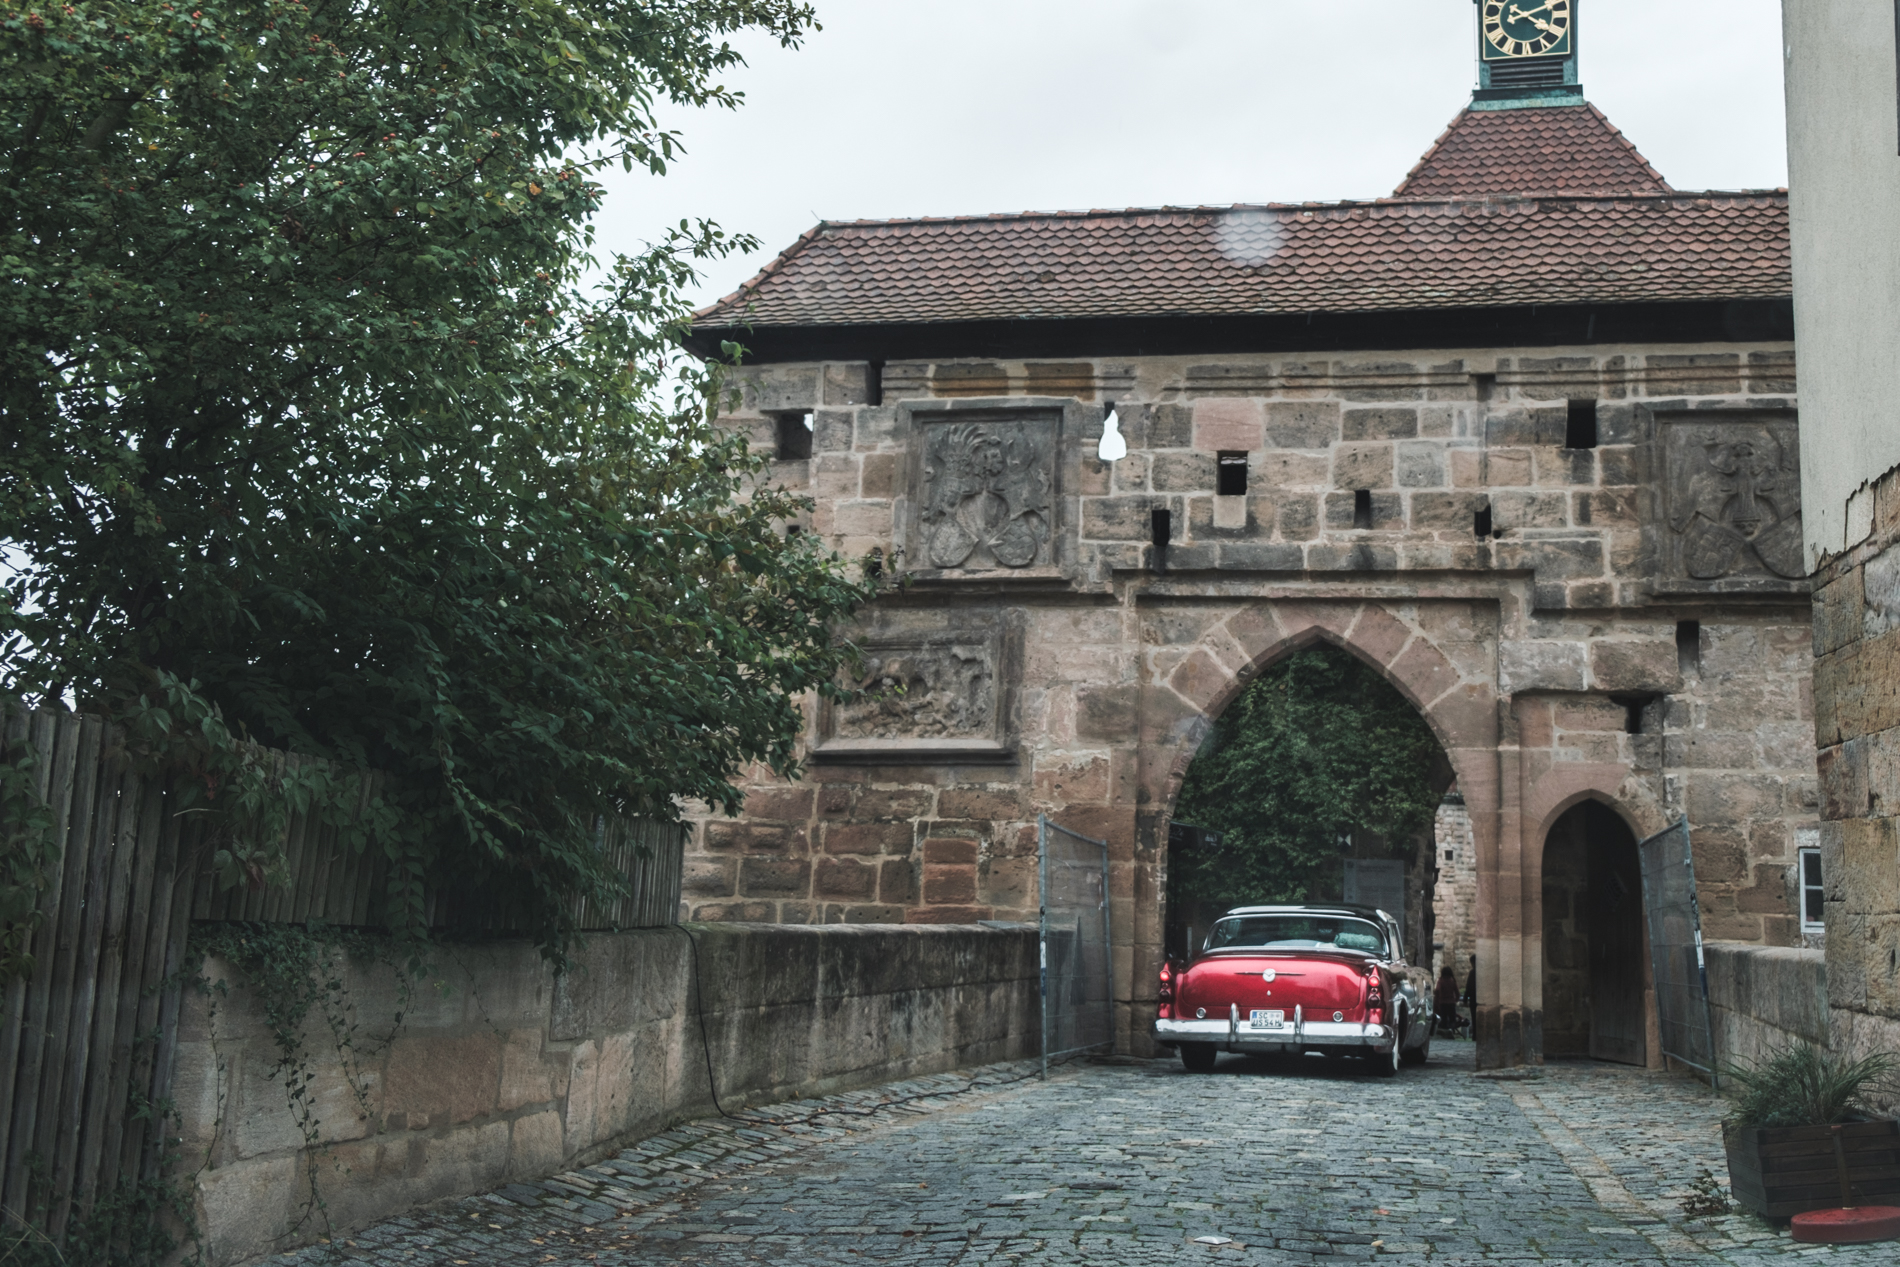 Burg-Cadolzburg